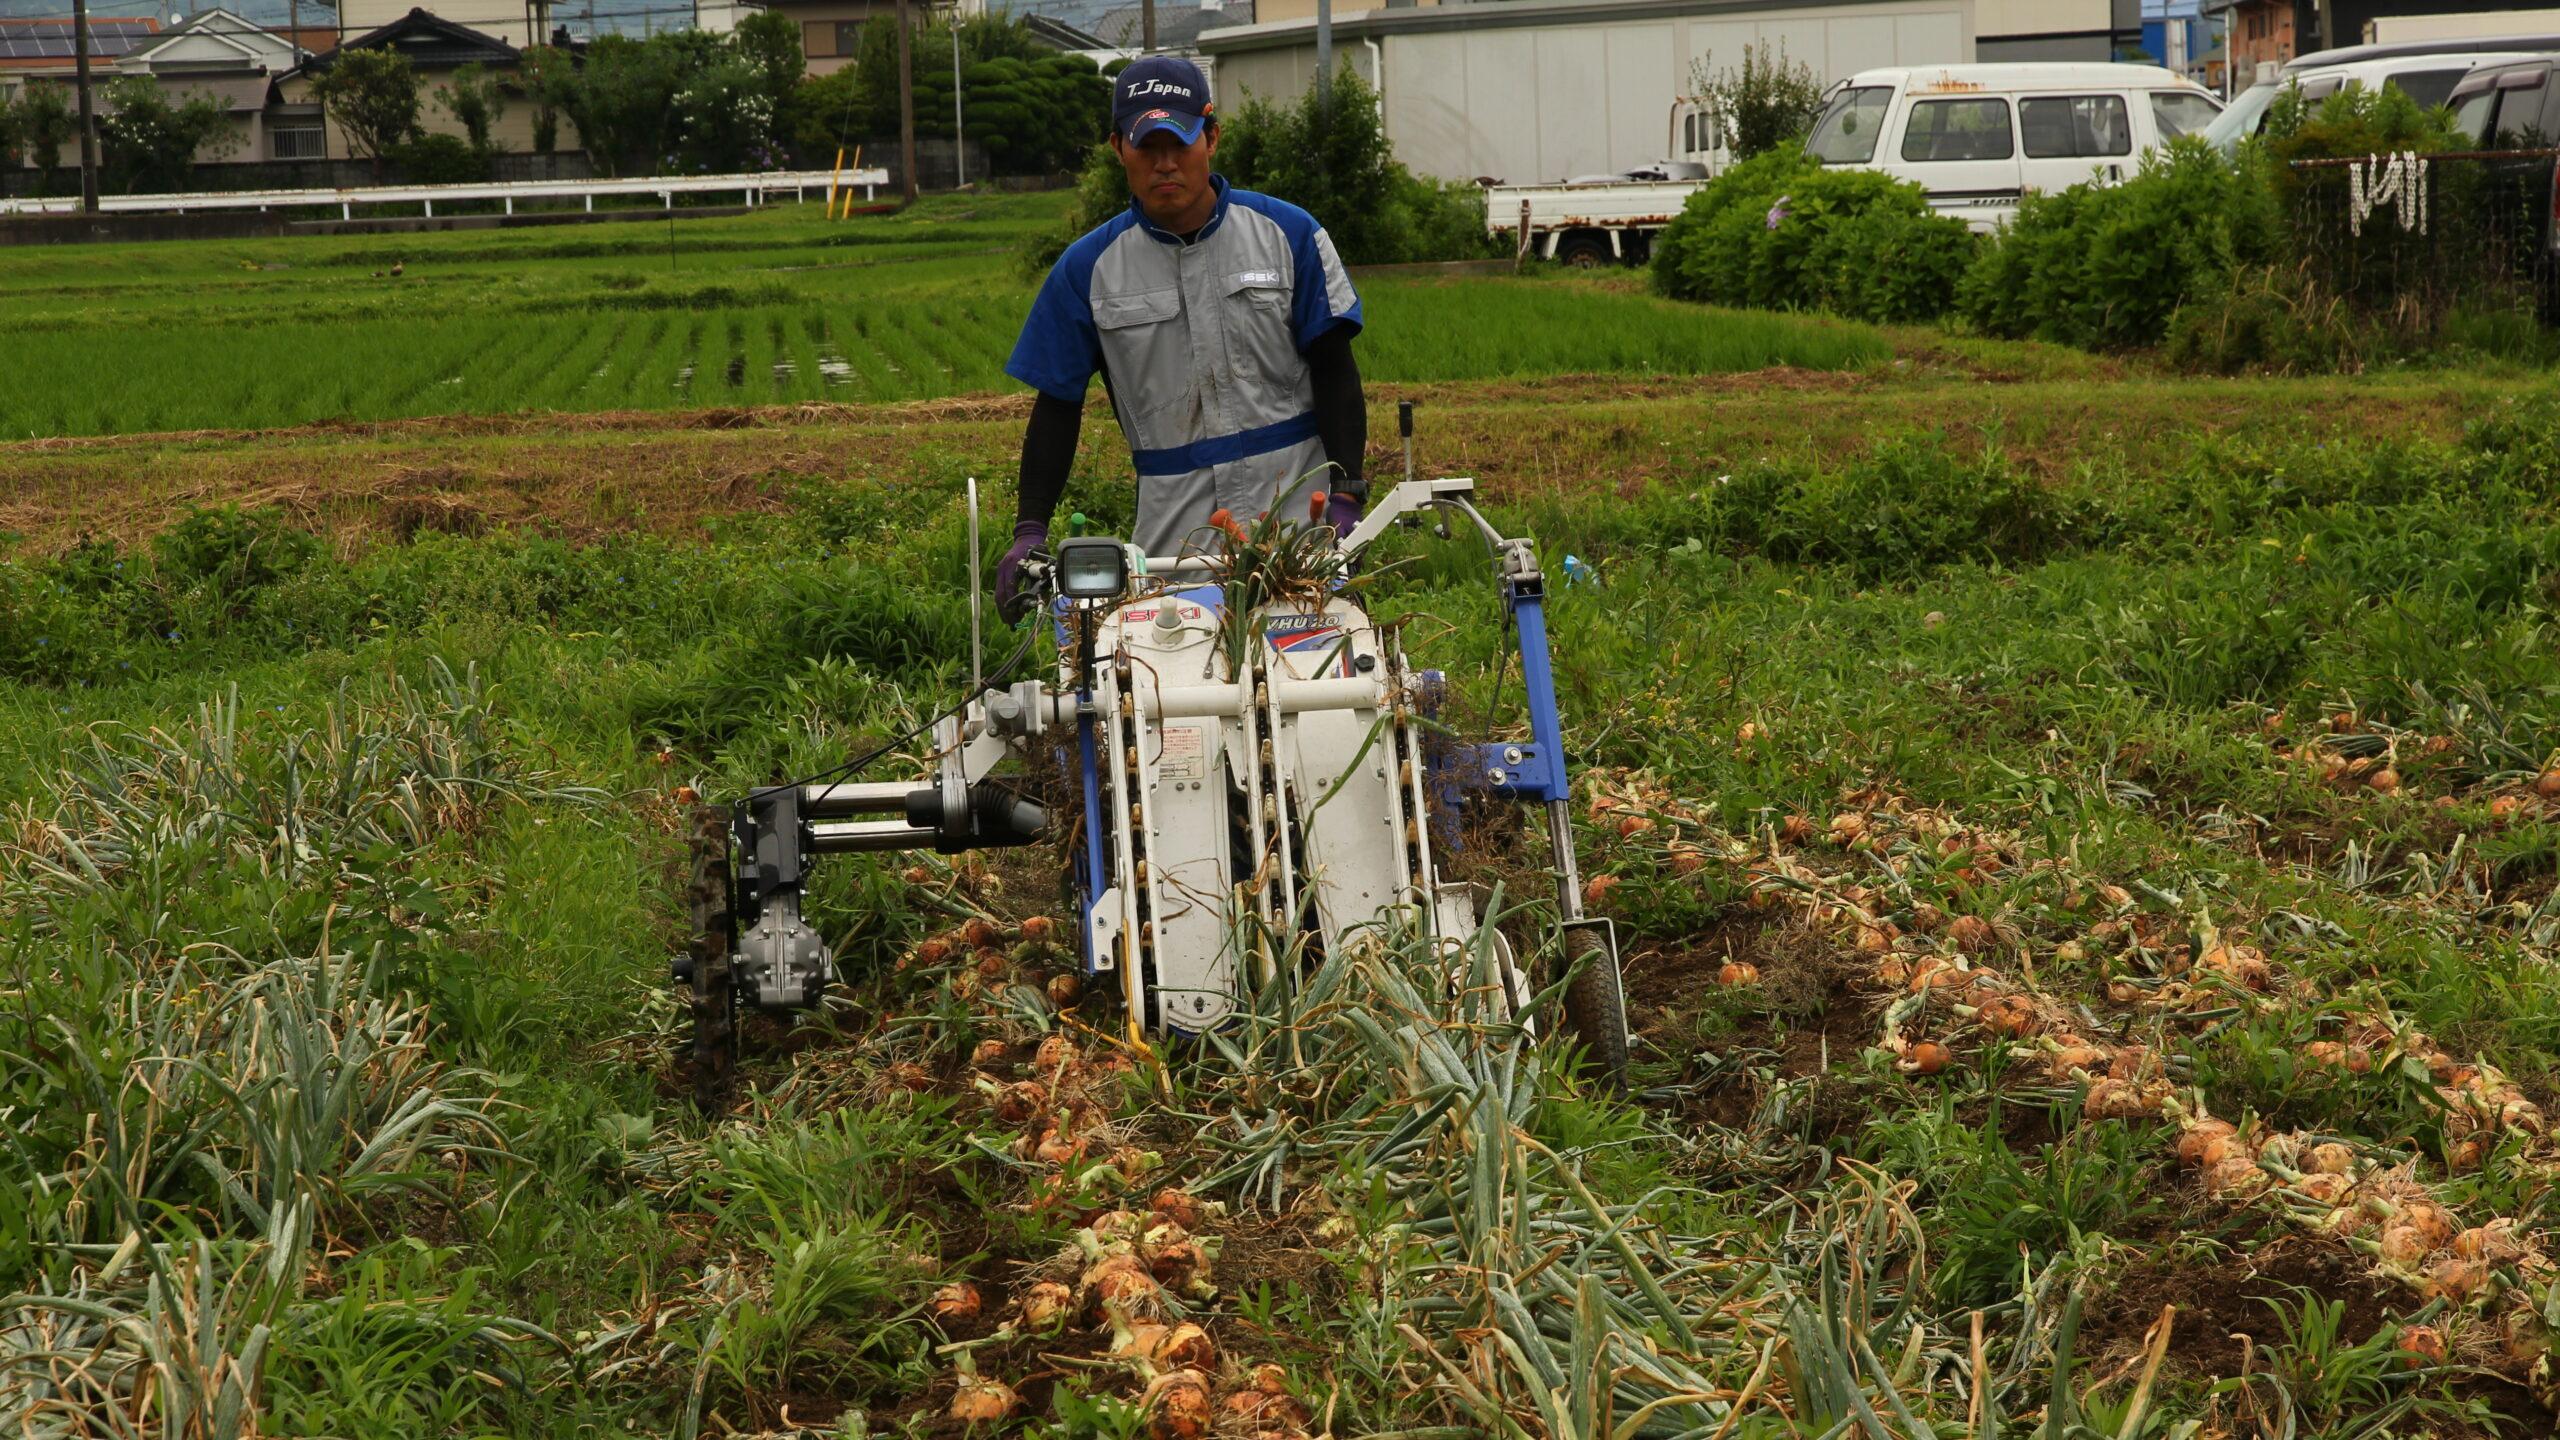 機械化一貫体系でたまねぎを栽培してみた